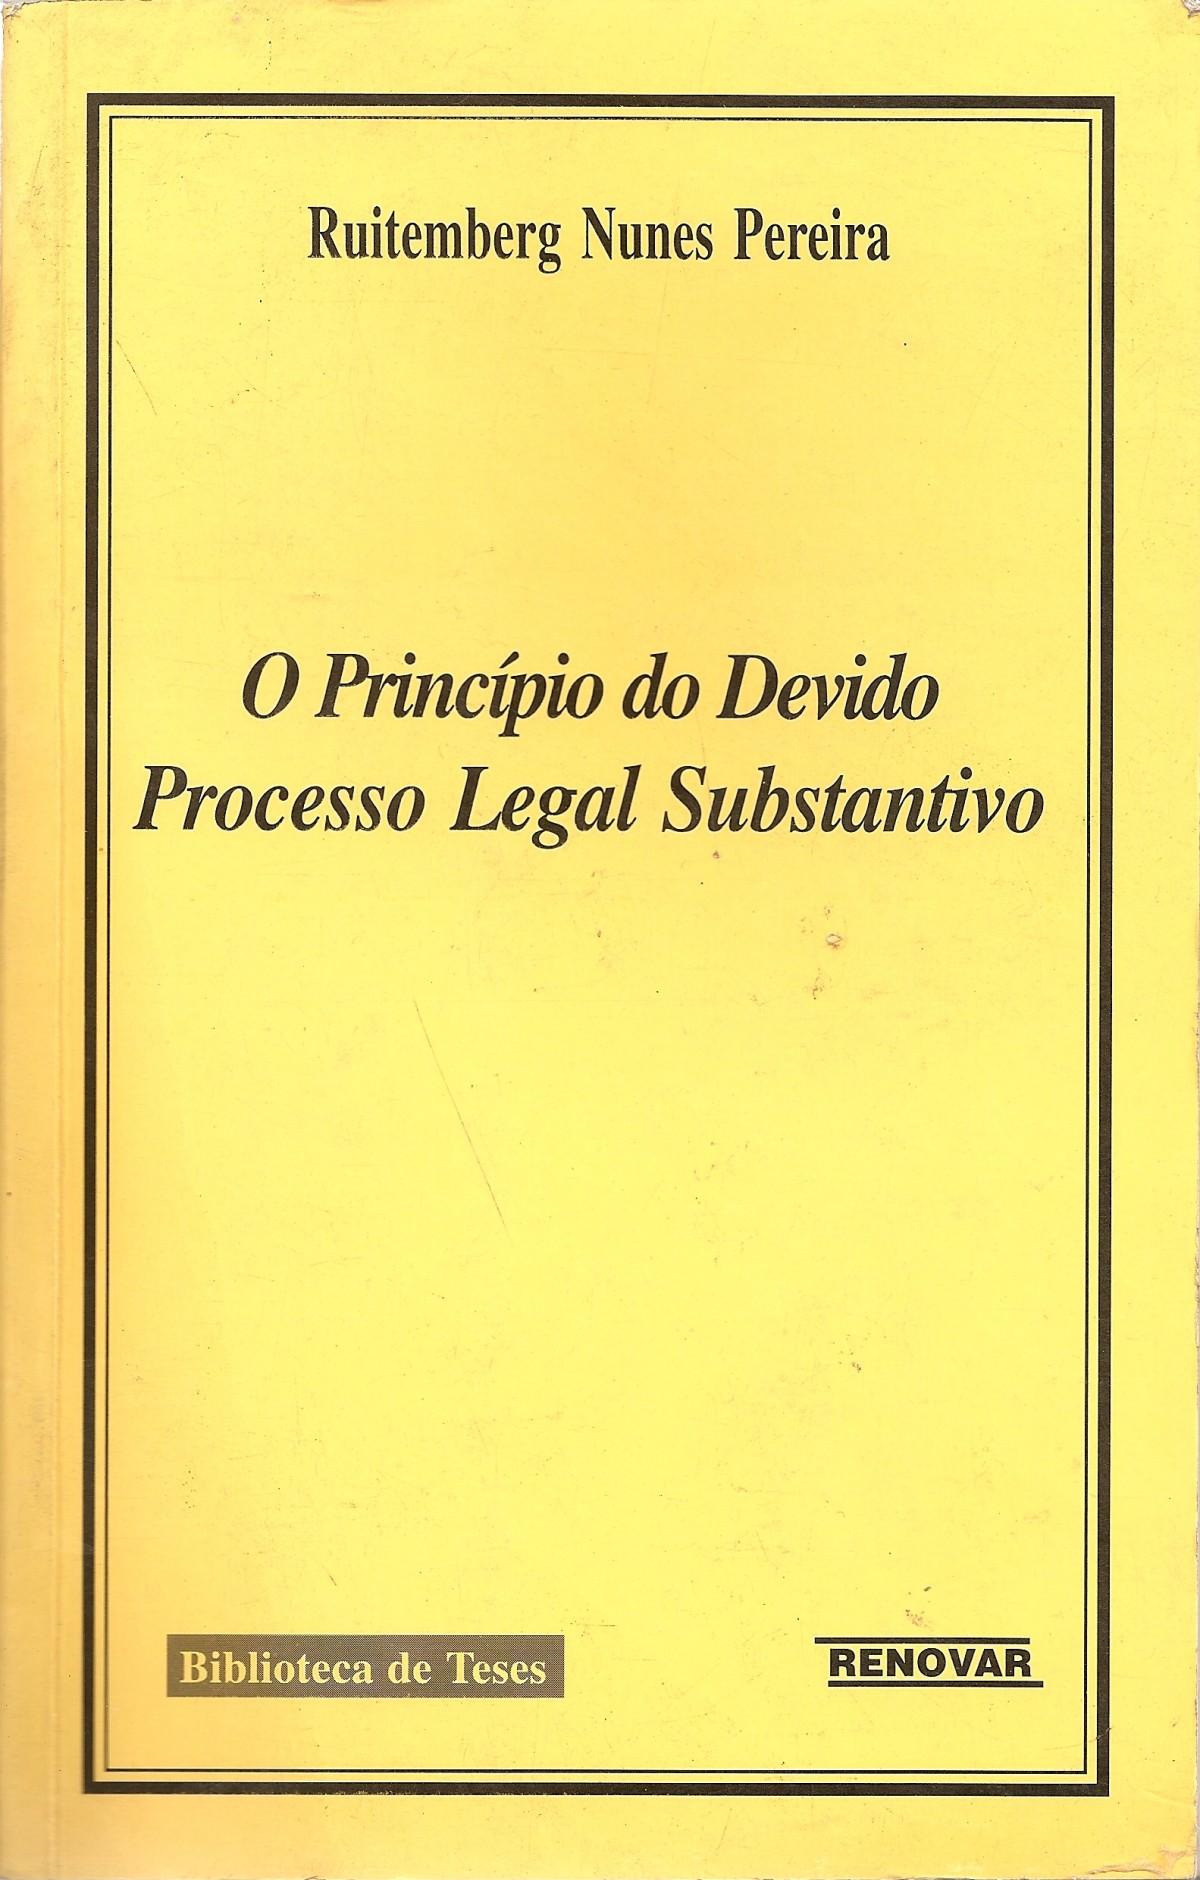 Foto 1 - O Princípio do Devido Processo Legal Substantivo